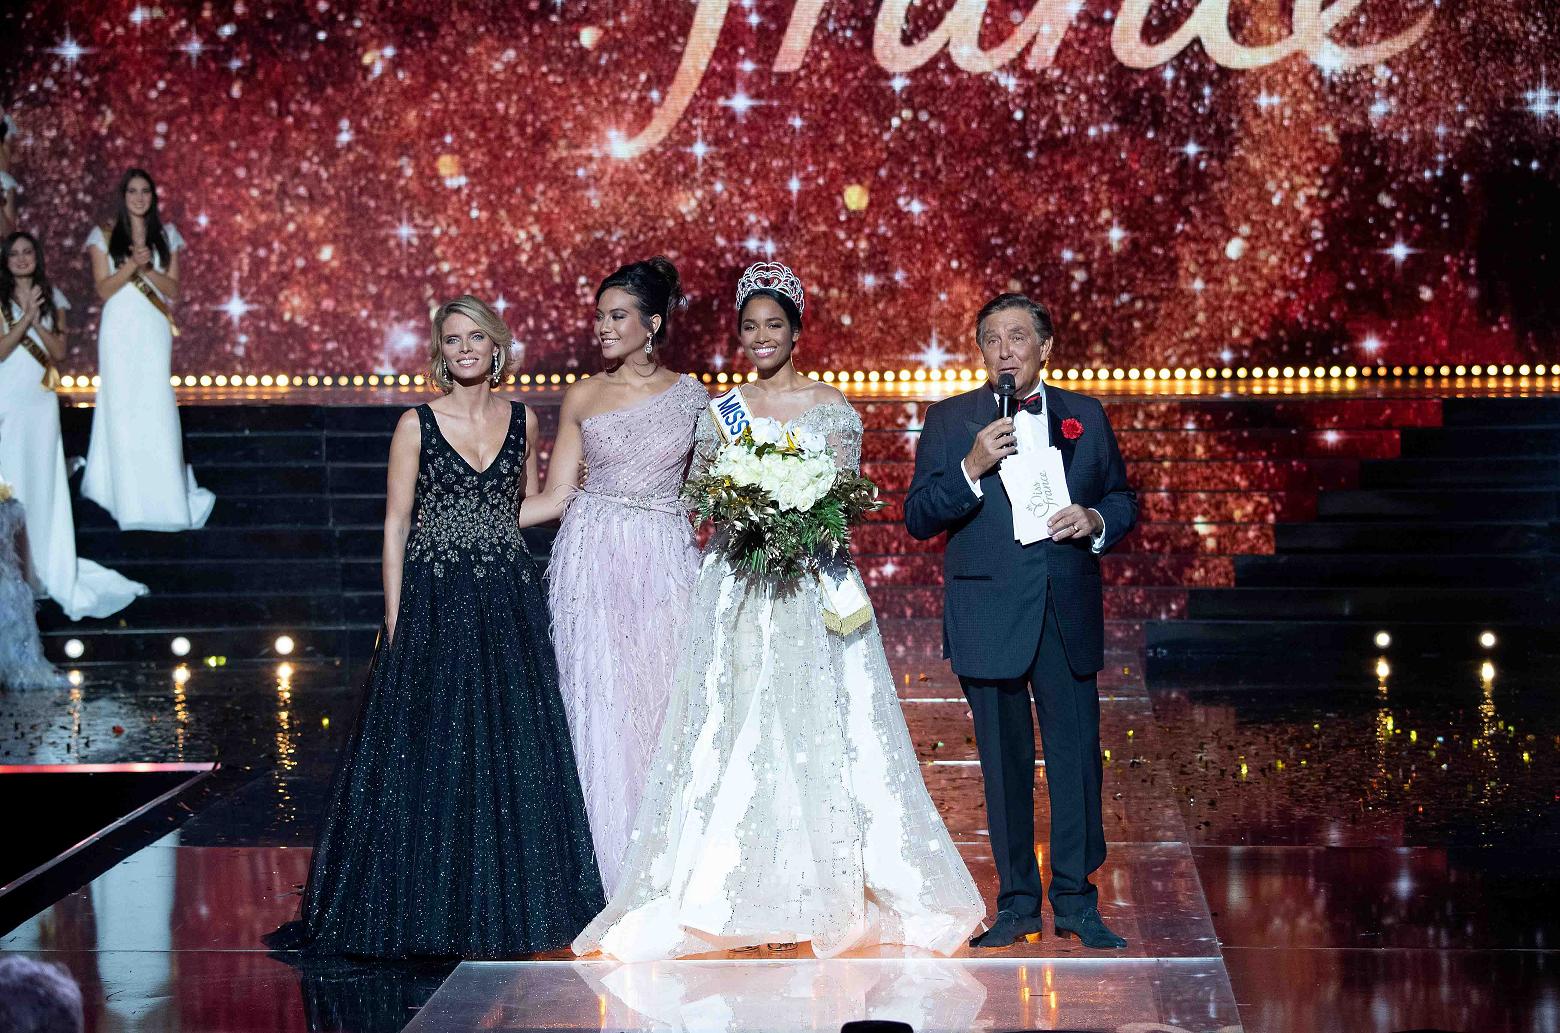 Election Miss France 2021, le 19 décembre en direct sur TF1 et les chaînes ultramarines